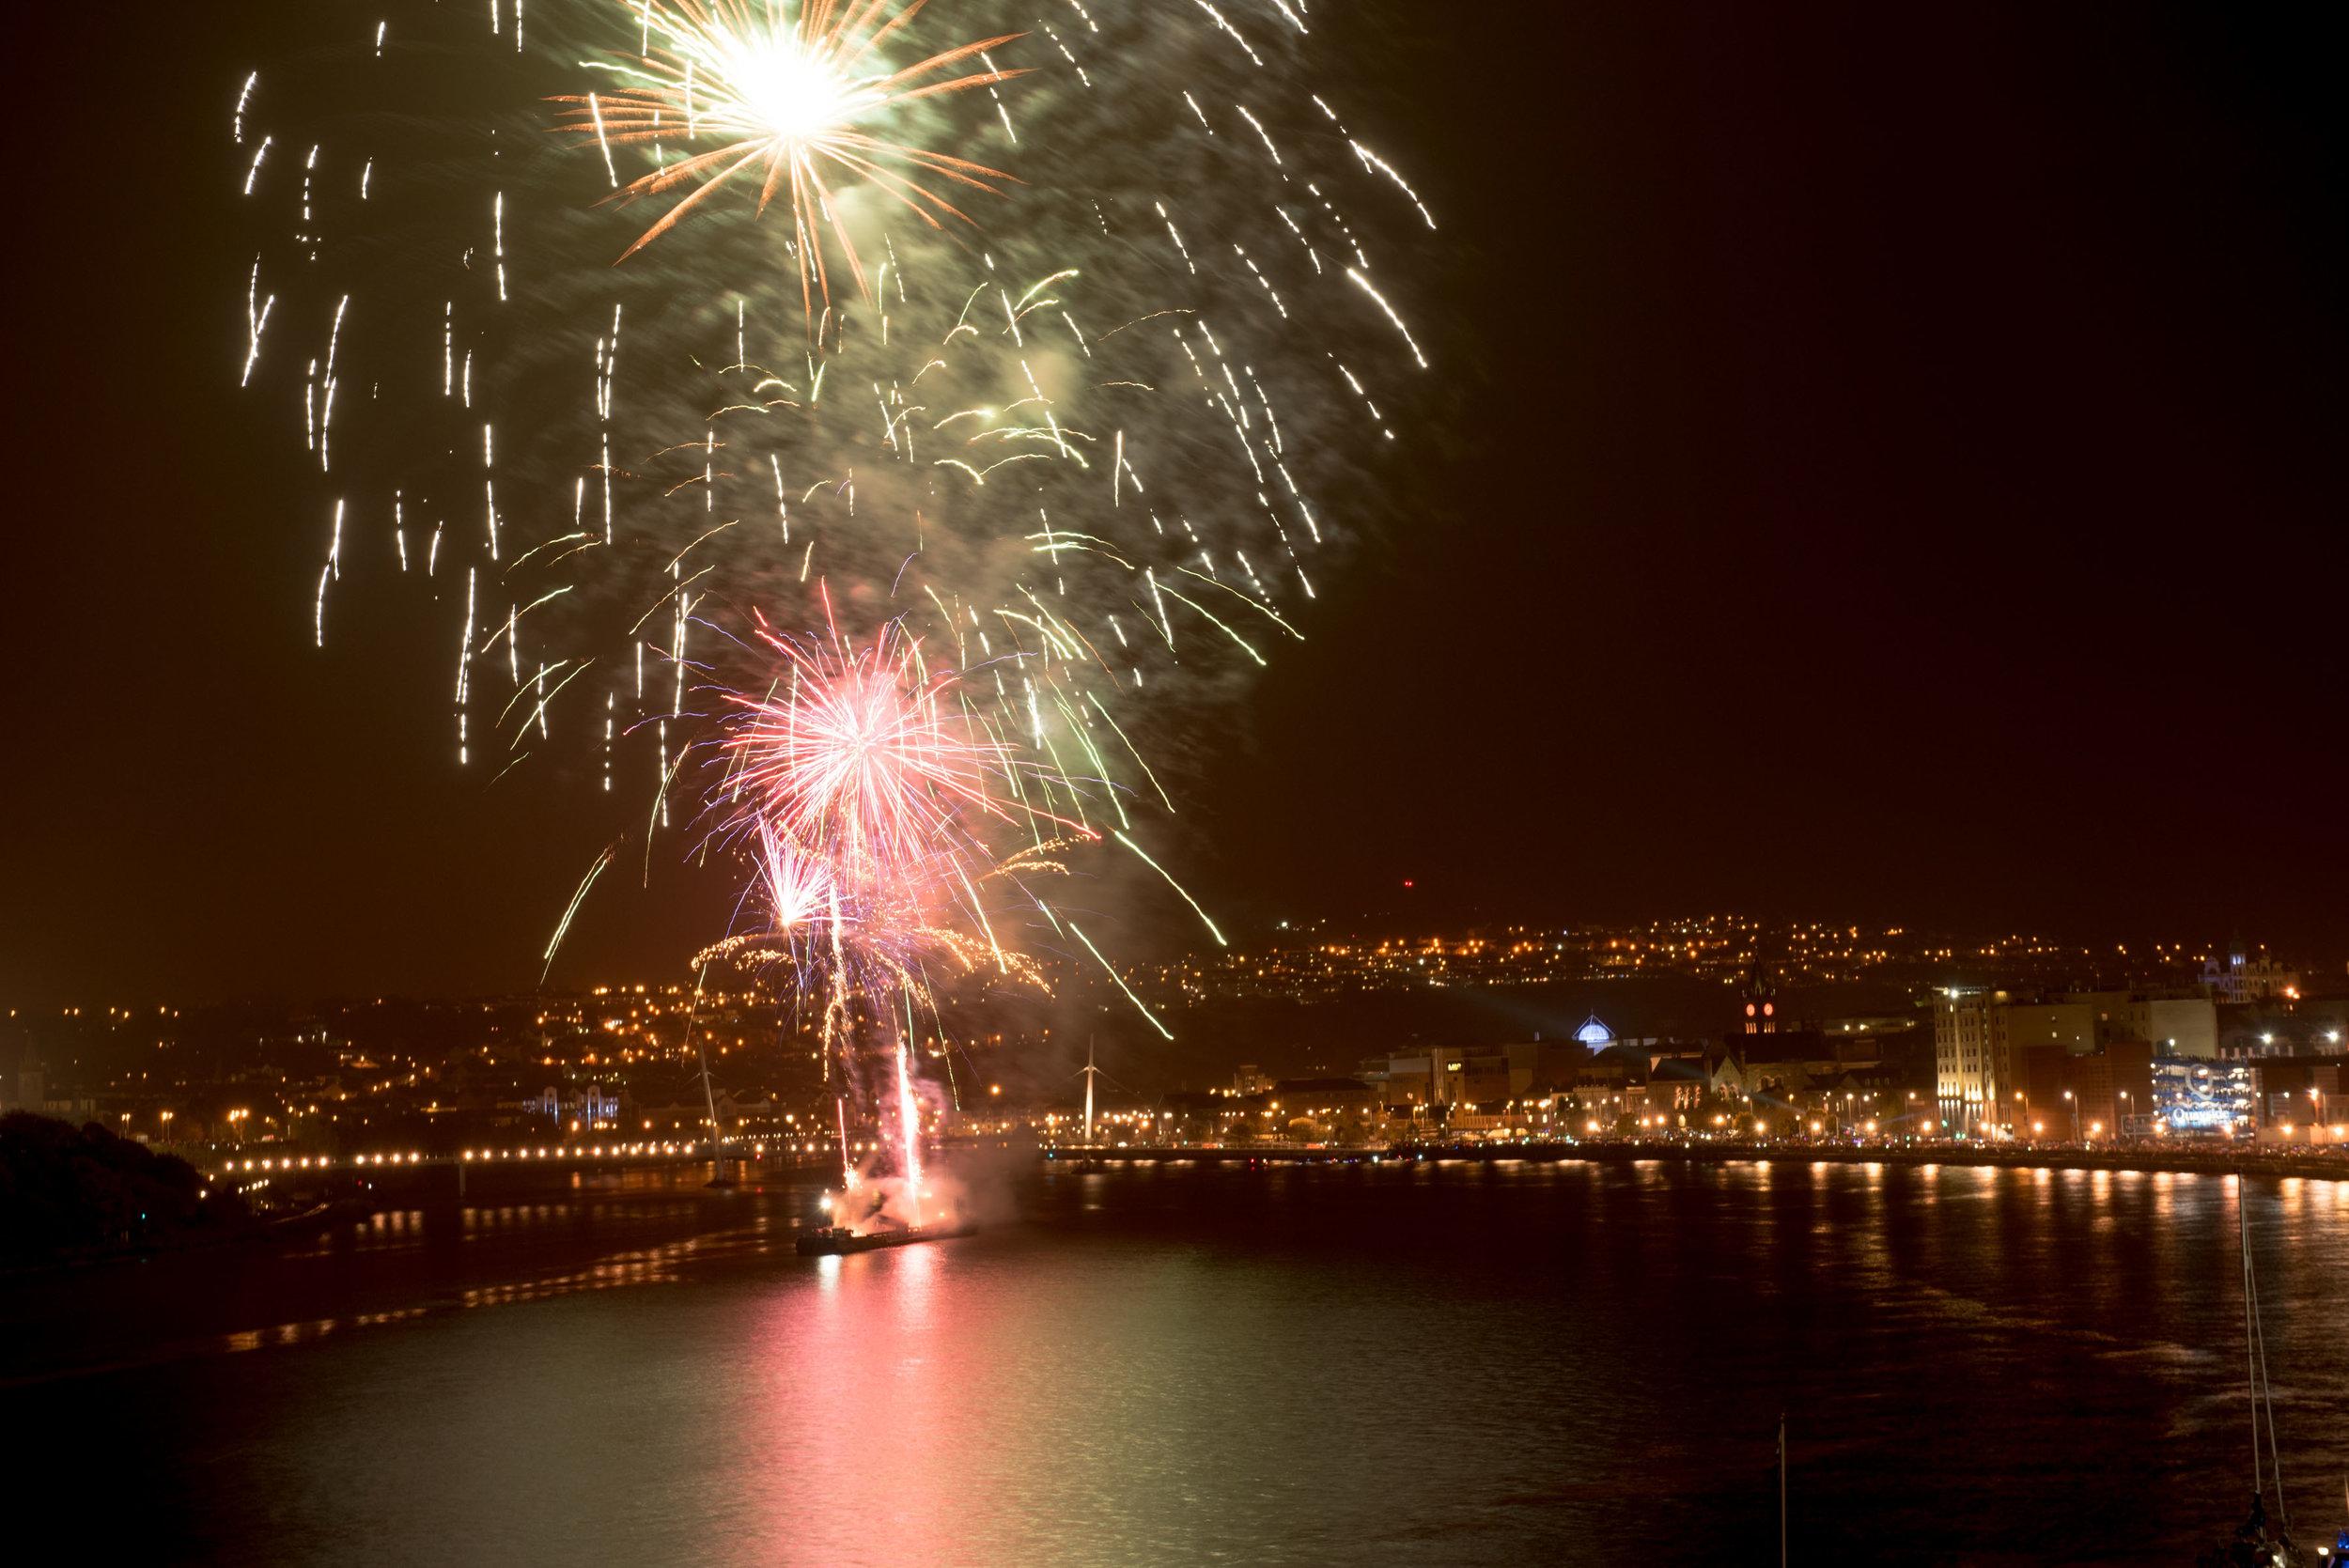 Derry Halloween Fireworks